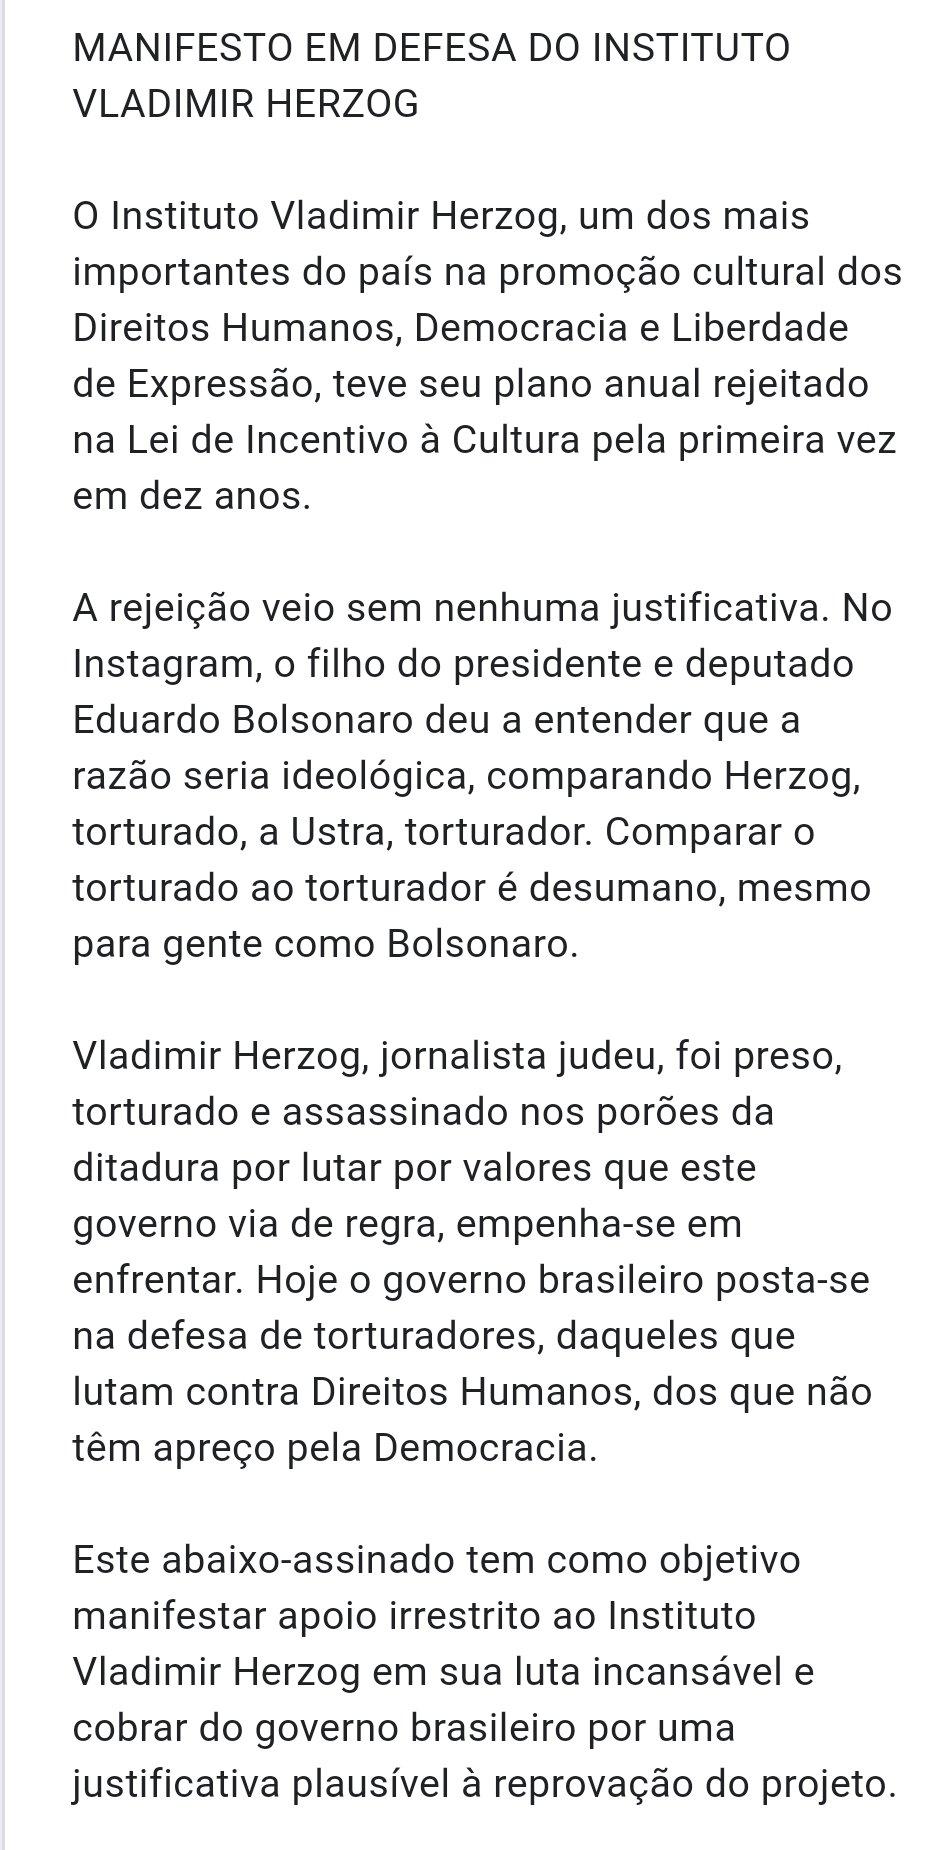 Manifesto Vladimir Herzog